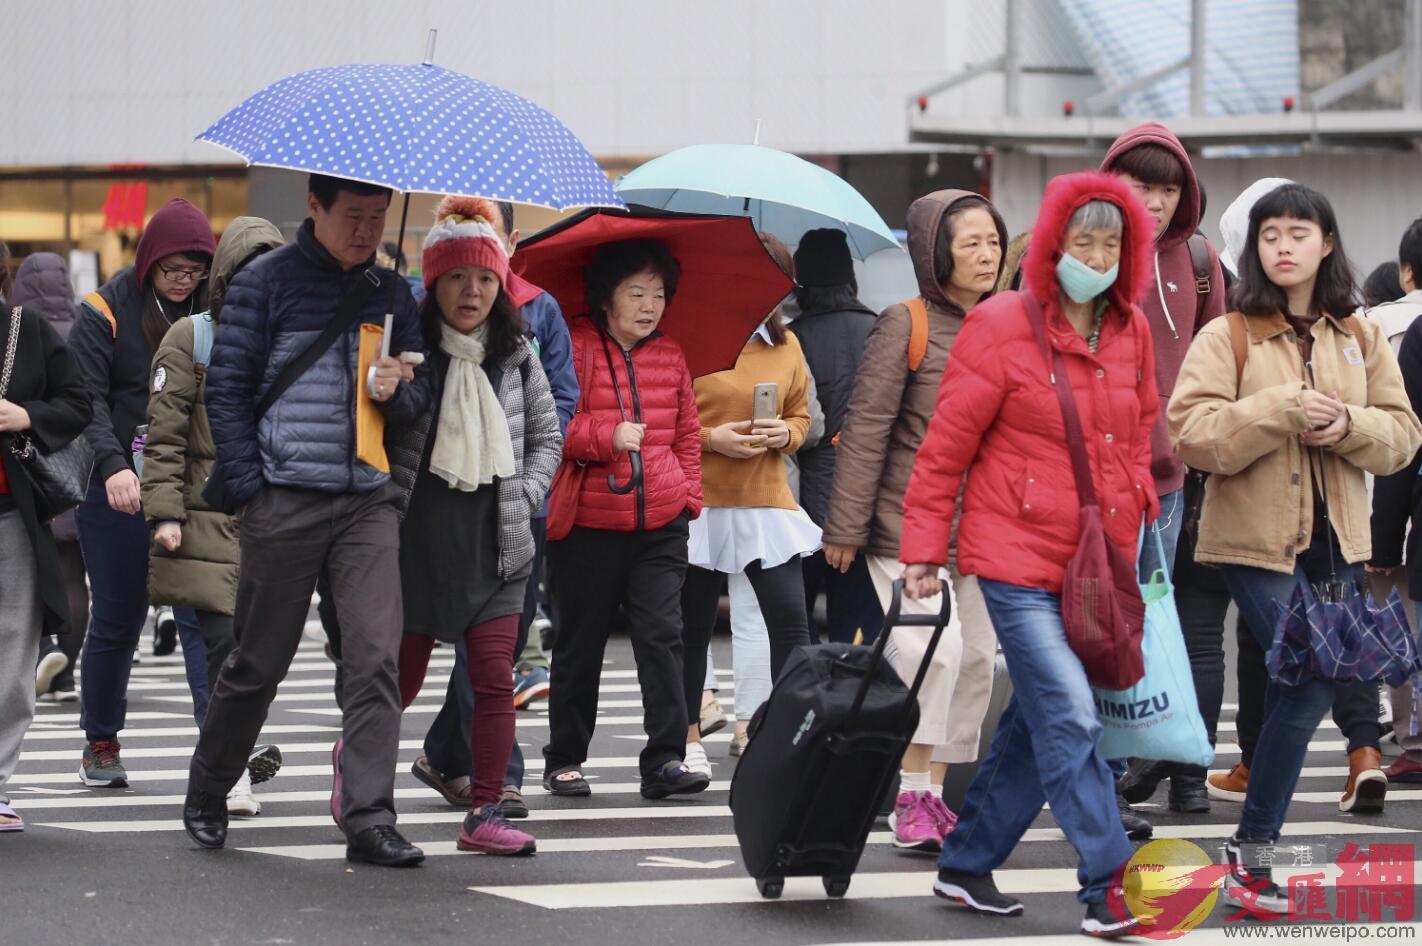 台灣「勞動部」調查顯示,有4.4%的女性職員最近一年曾遭受性騷擾。圖為台北街頭(台灣「中央社」)